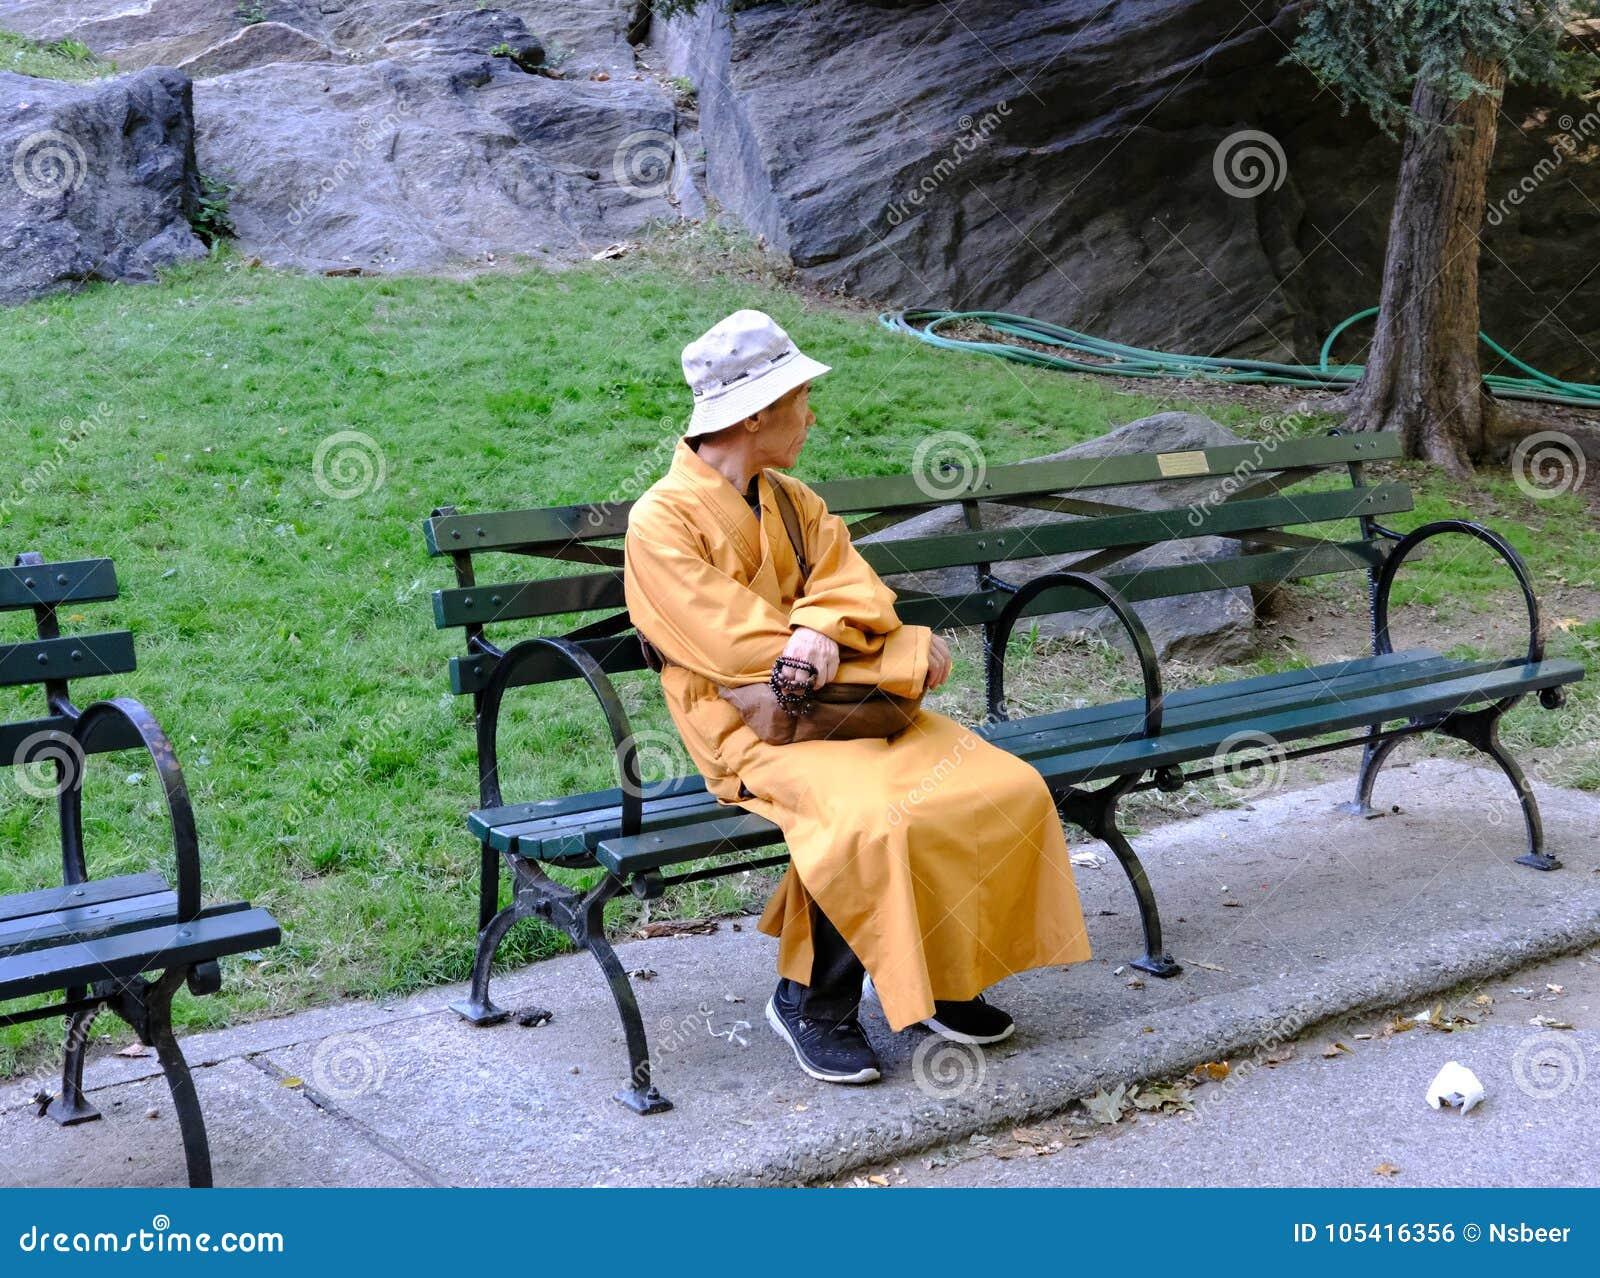 Monaco buddista visto in Central Park, New York, U.S.A.